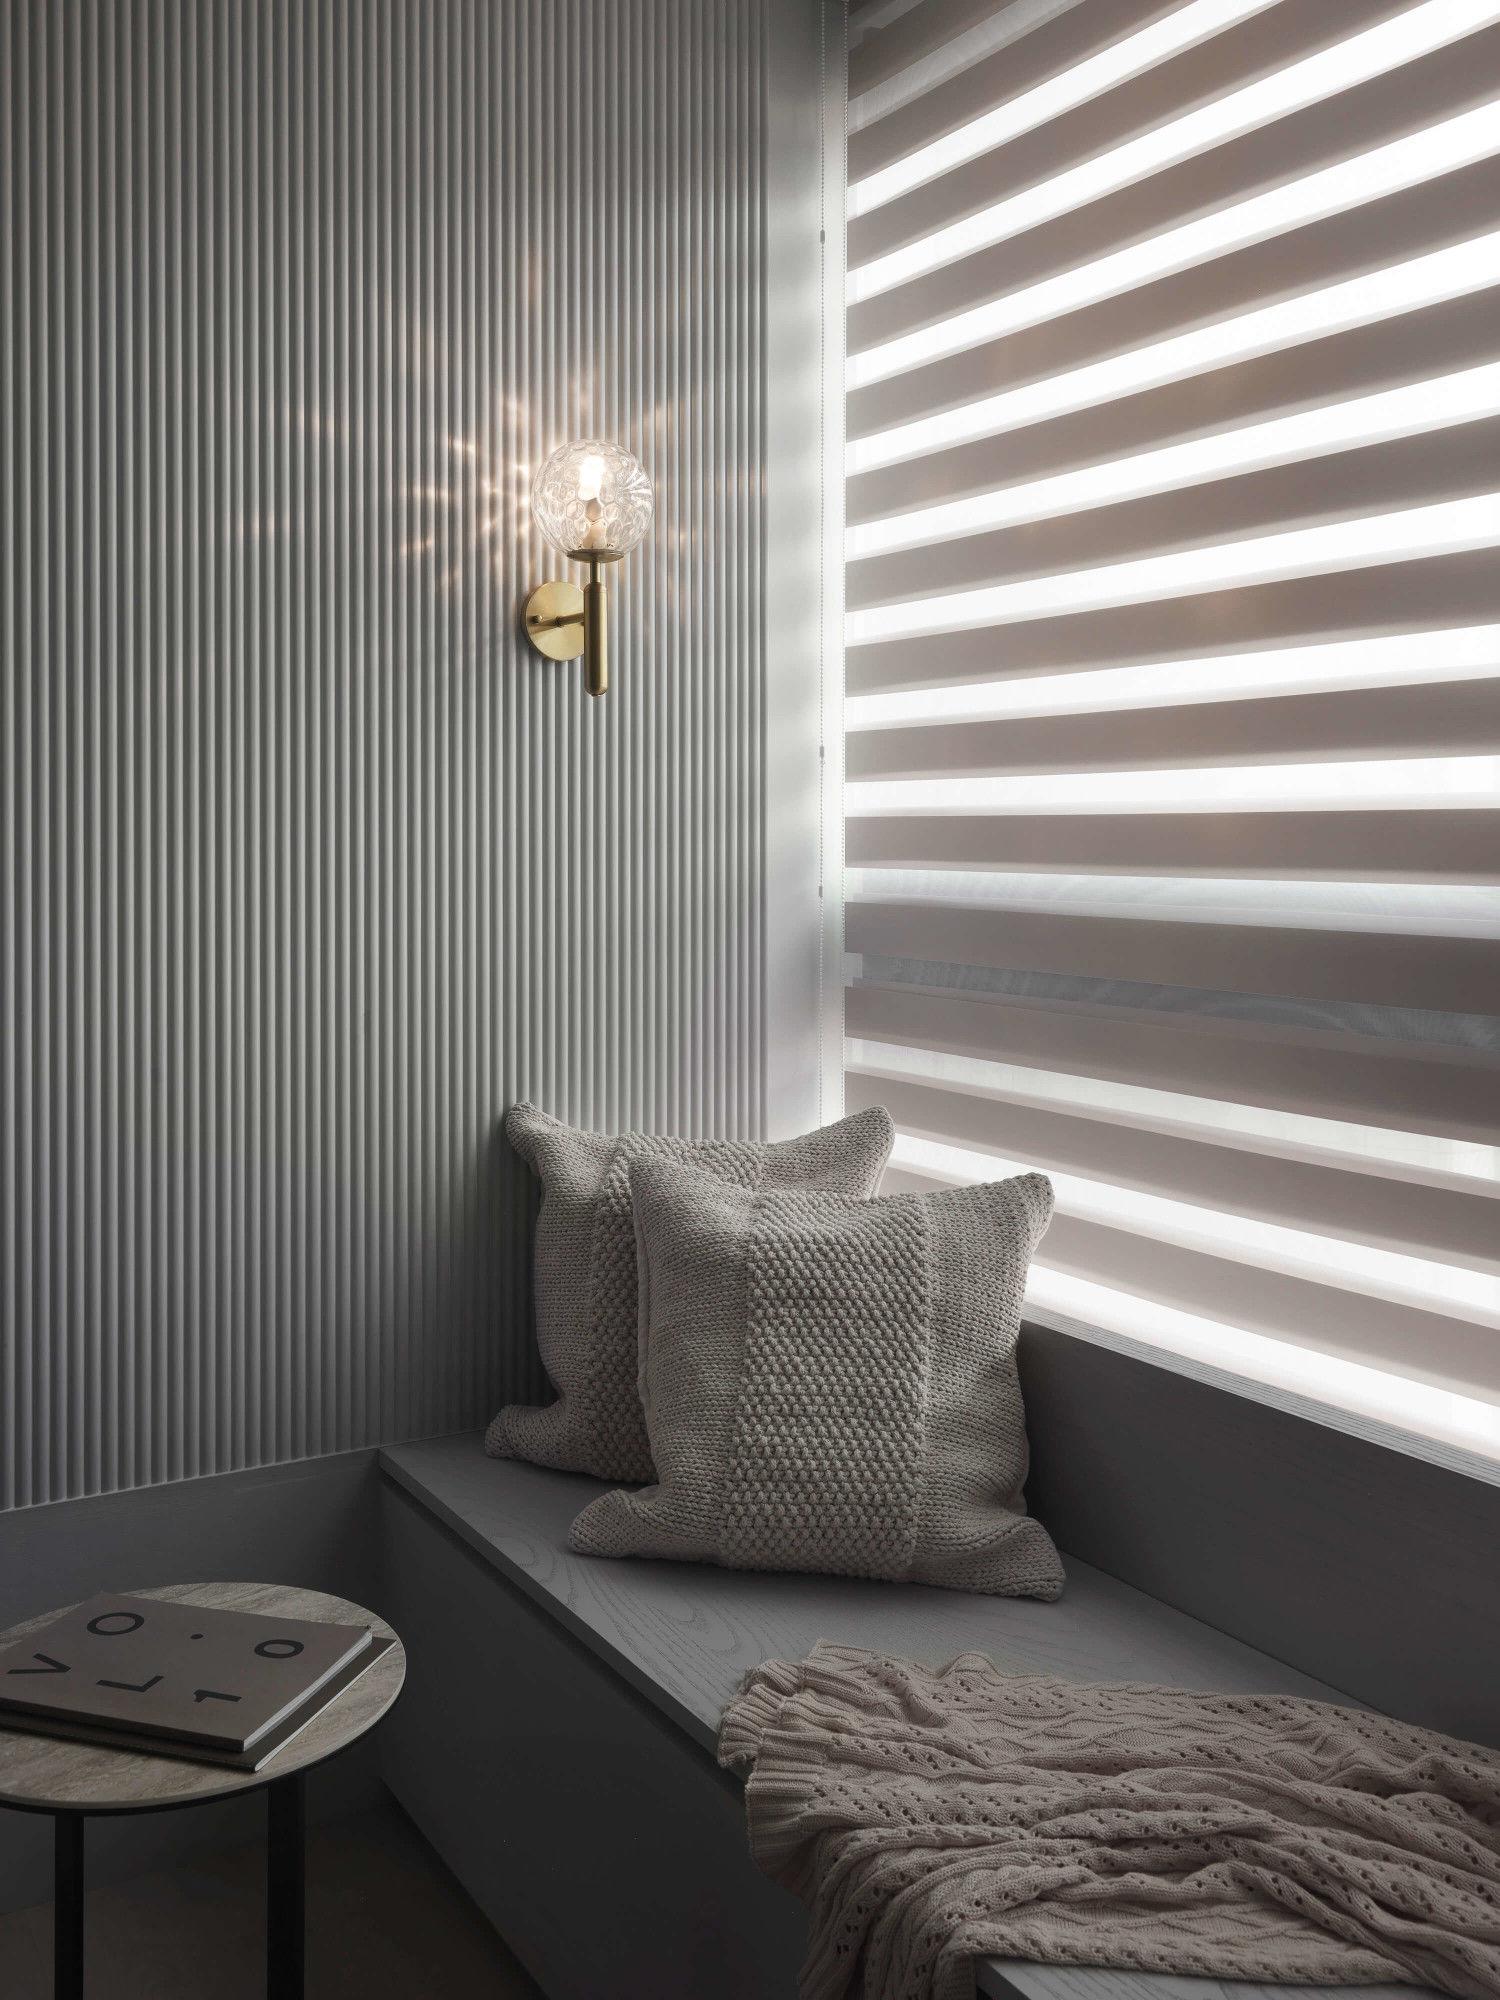 台中分子設計-現代風設計師-台中七期室內設計-電梯大樓整體規劃-臥室臥榻收納